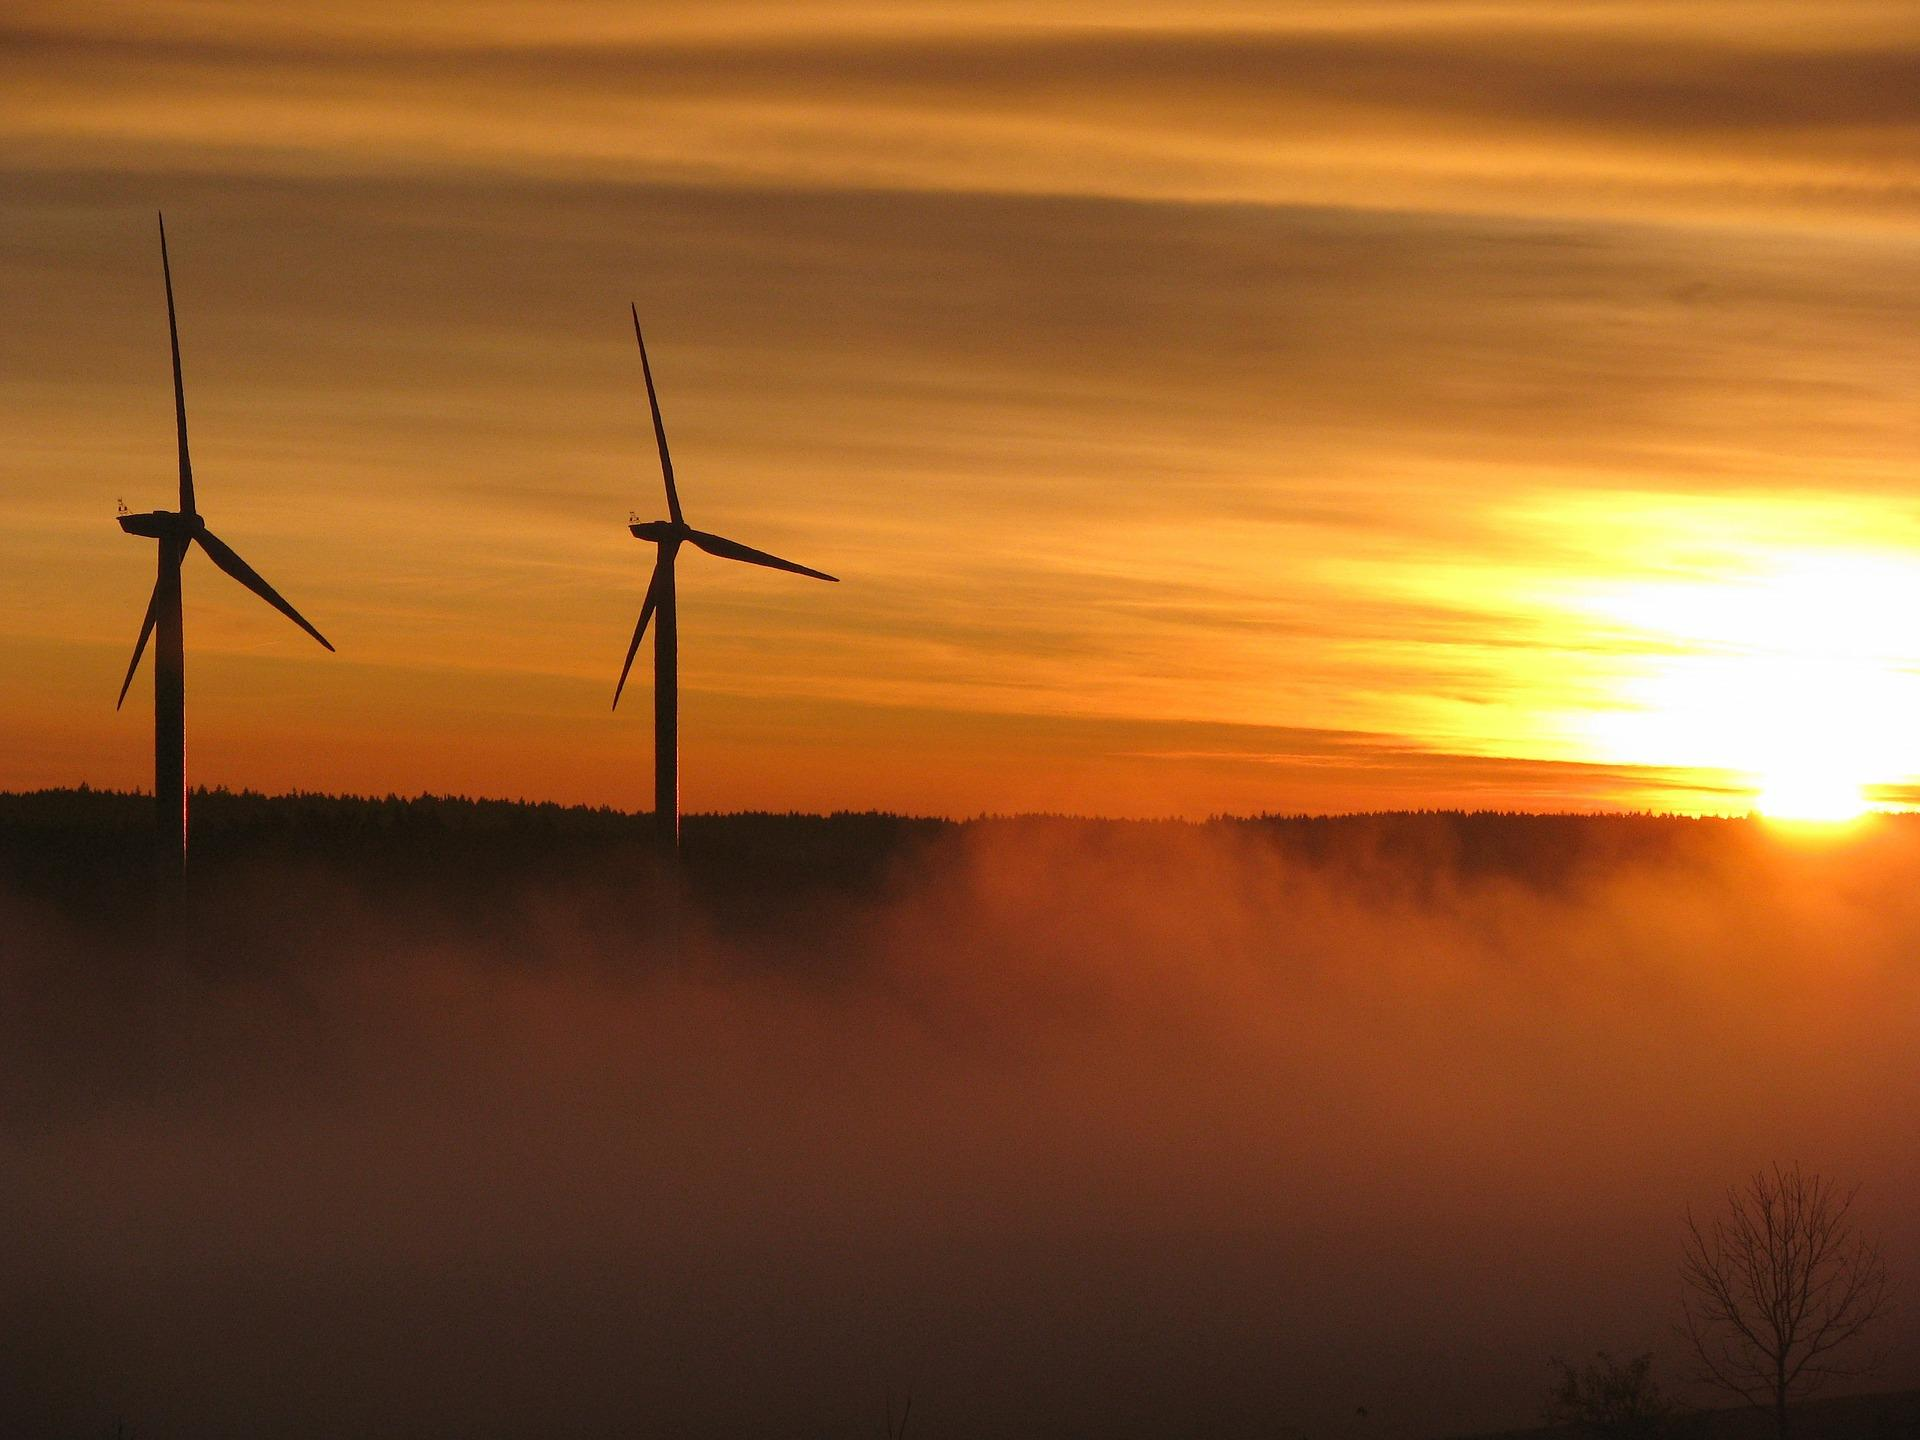 Der Arbeitsmarkt der erneuerbaren Energien